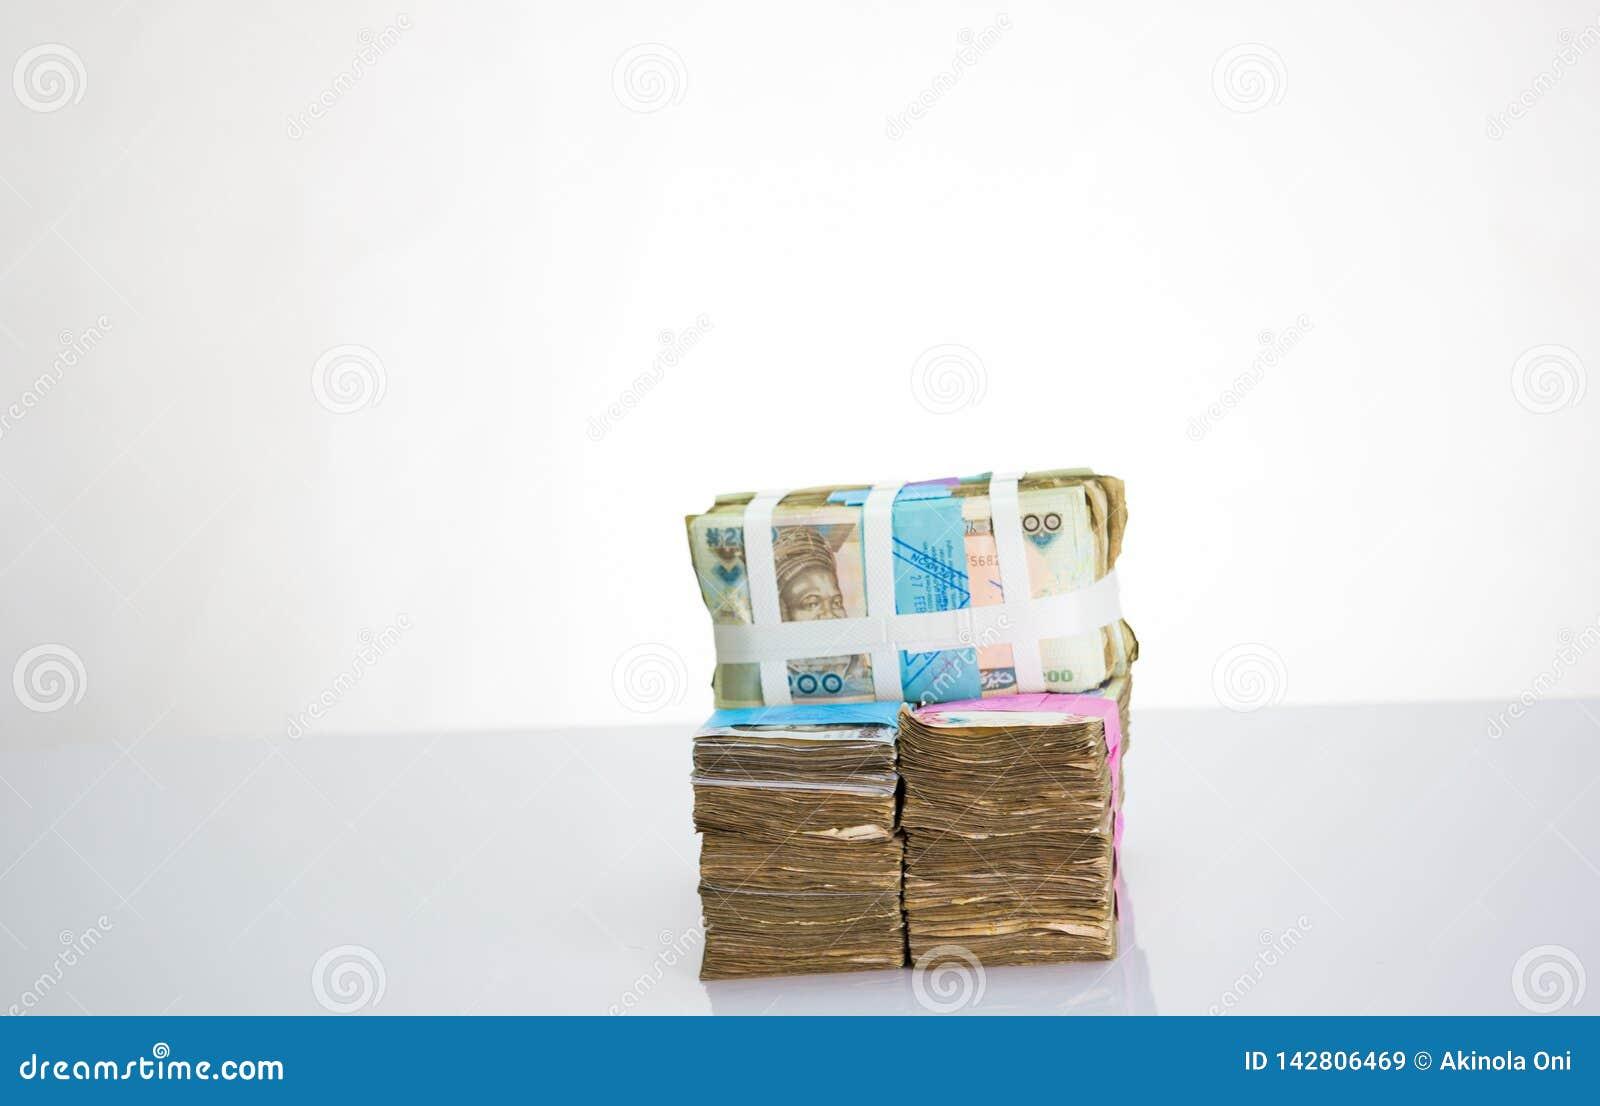 Moneda local N200, N500, notas de Nigeria del naira N1000 en un paquete